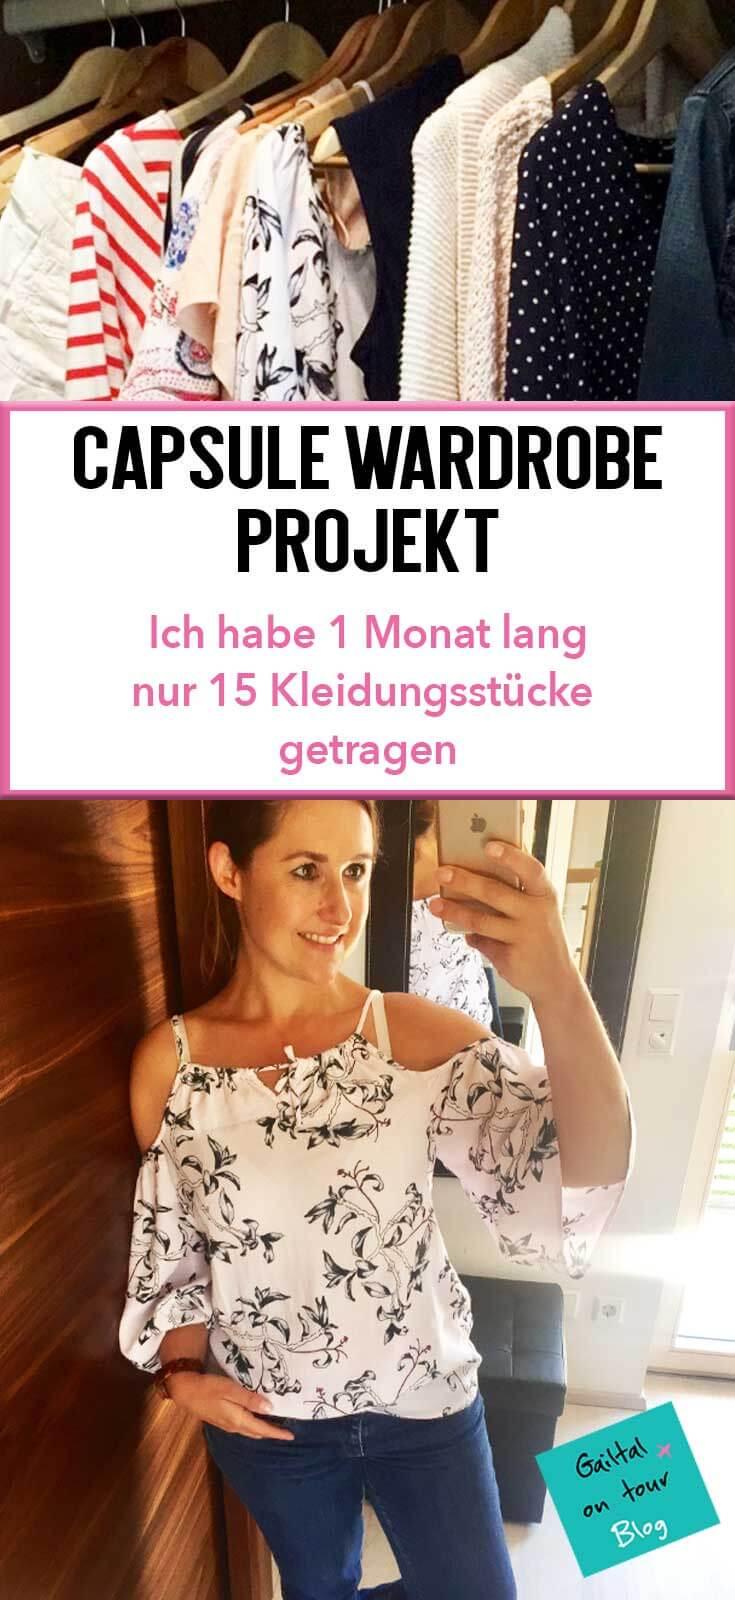 Capsule Wardrobe. Wie man mit einem minimalistischen Kleiderschrank von 15 Kleidungsstücken einen Monat lang lebet